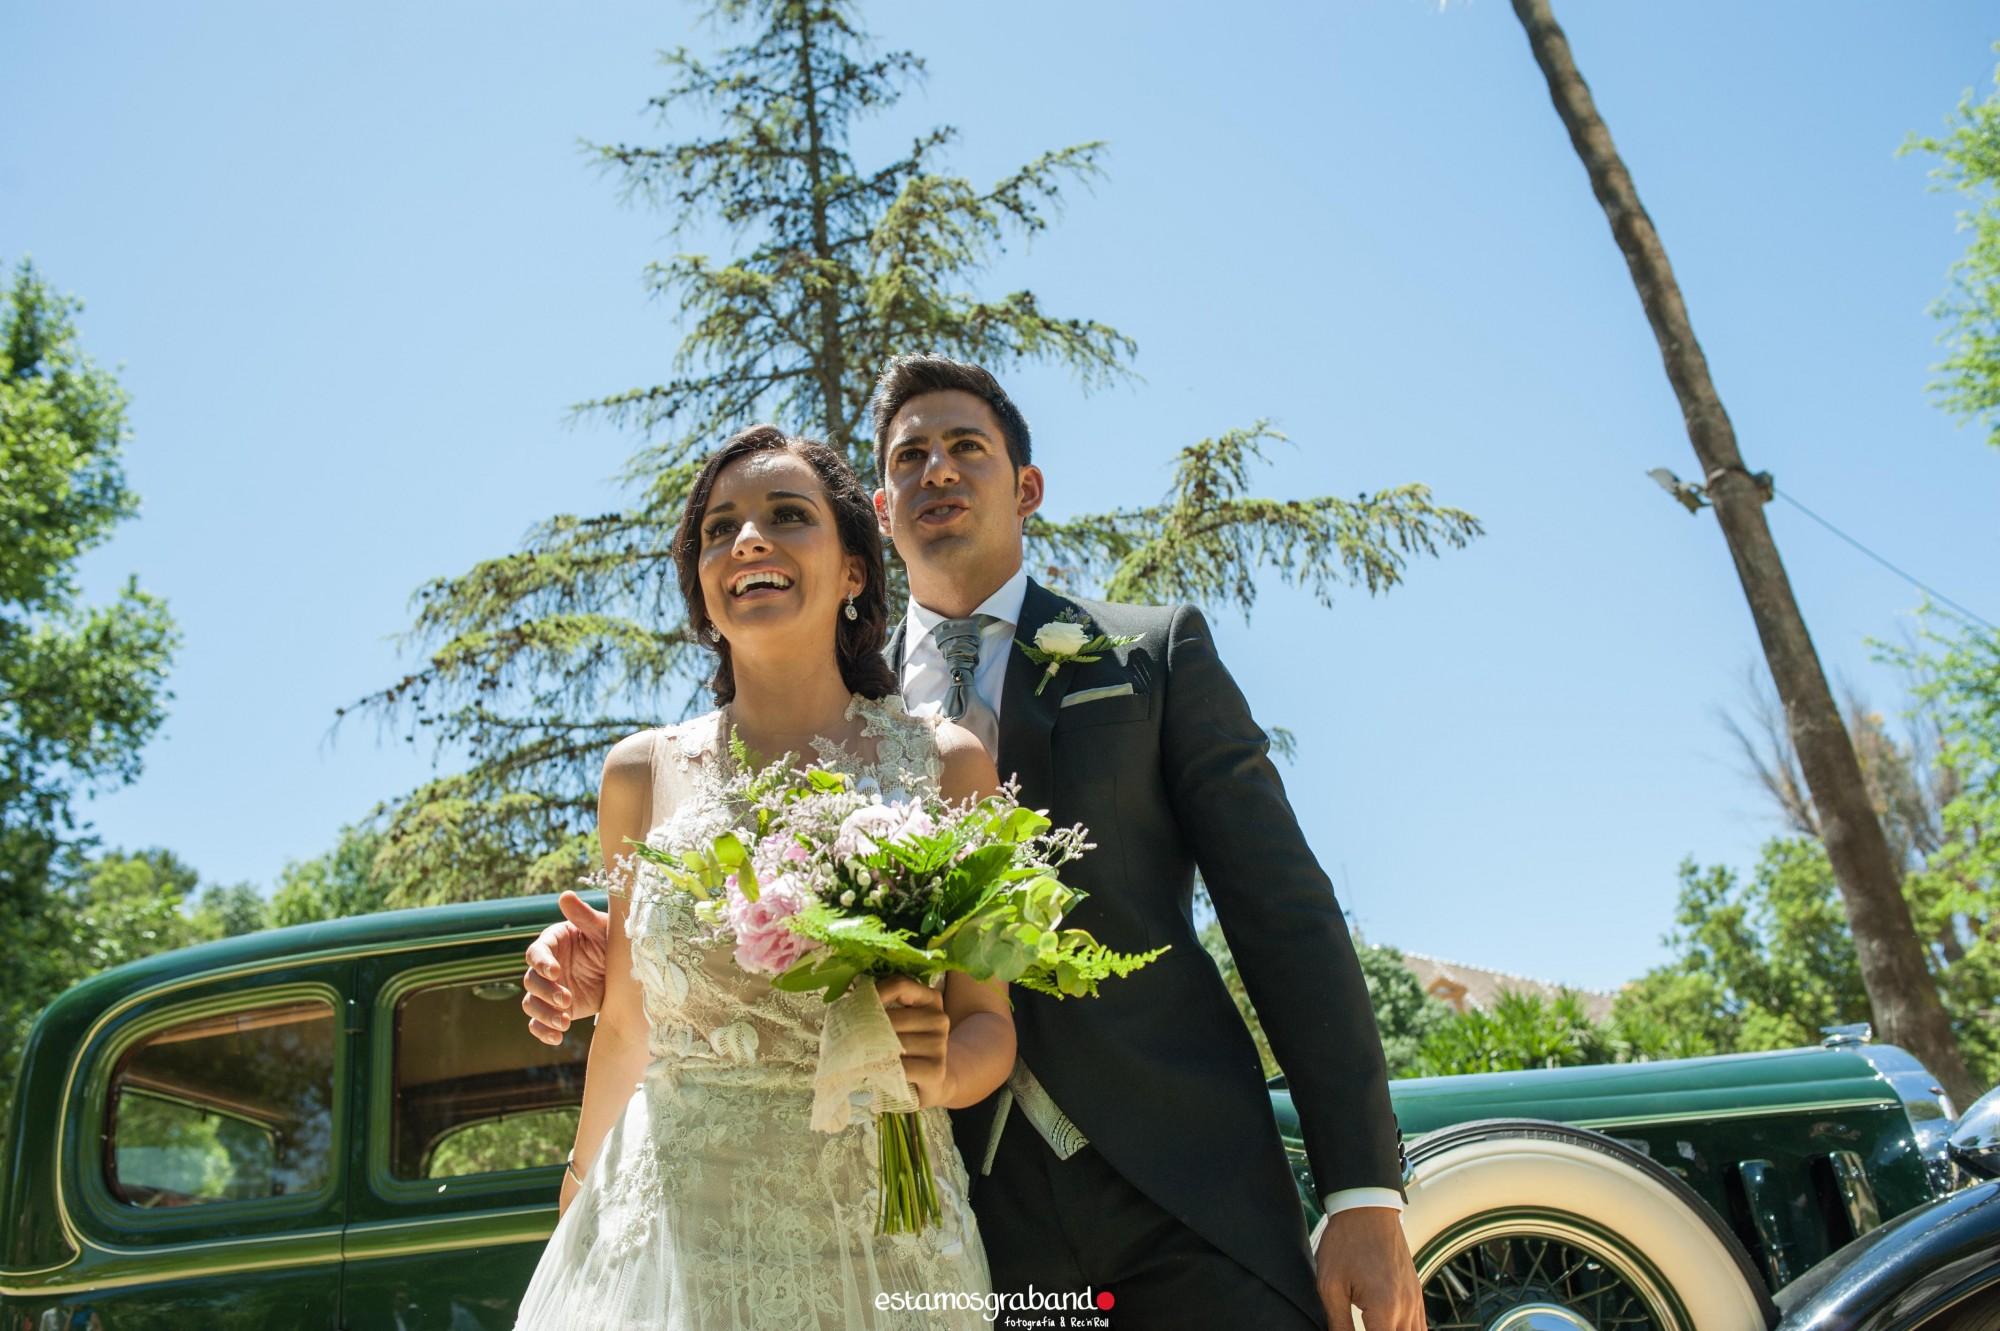 Sonia-y-Dani-367-de-517 Sonia & Dani - video boda cadiz